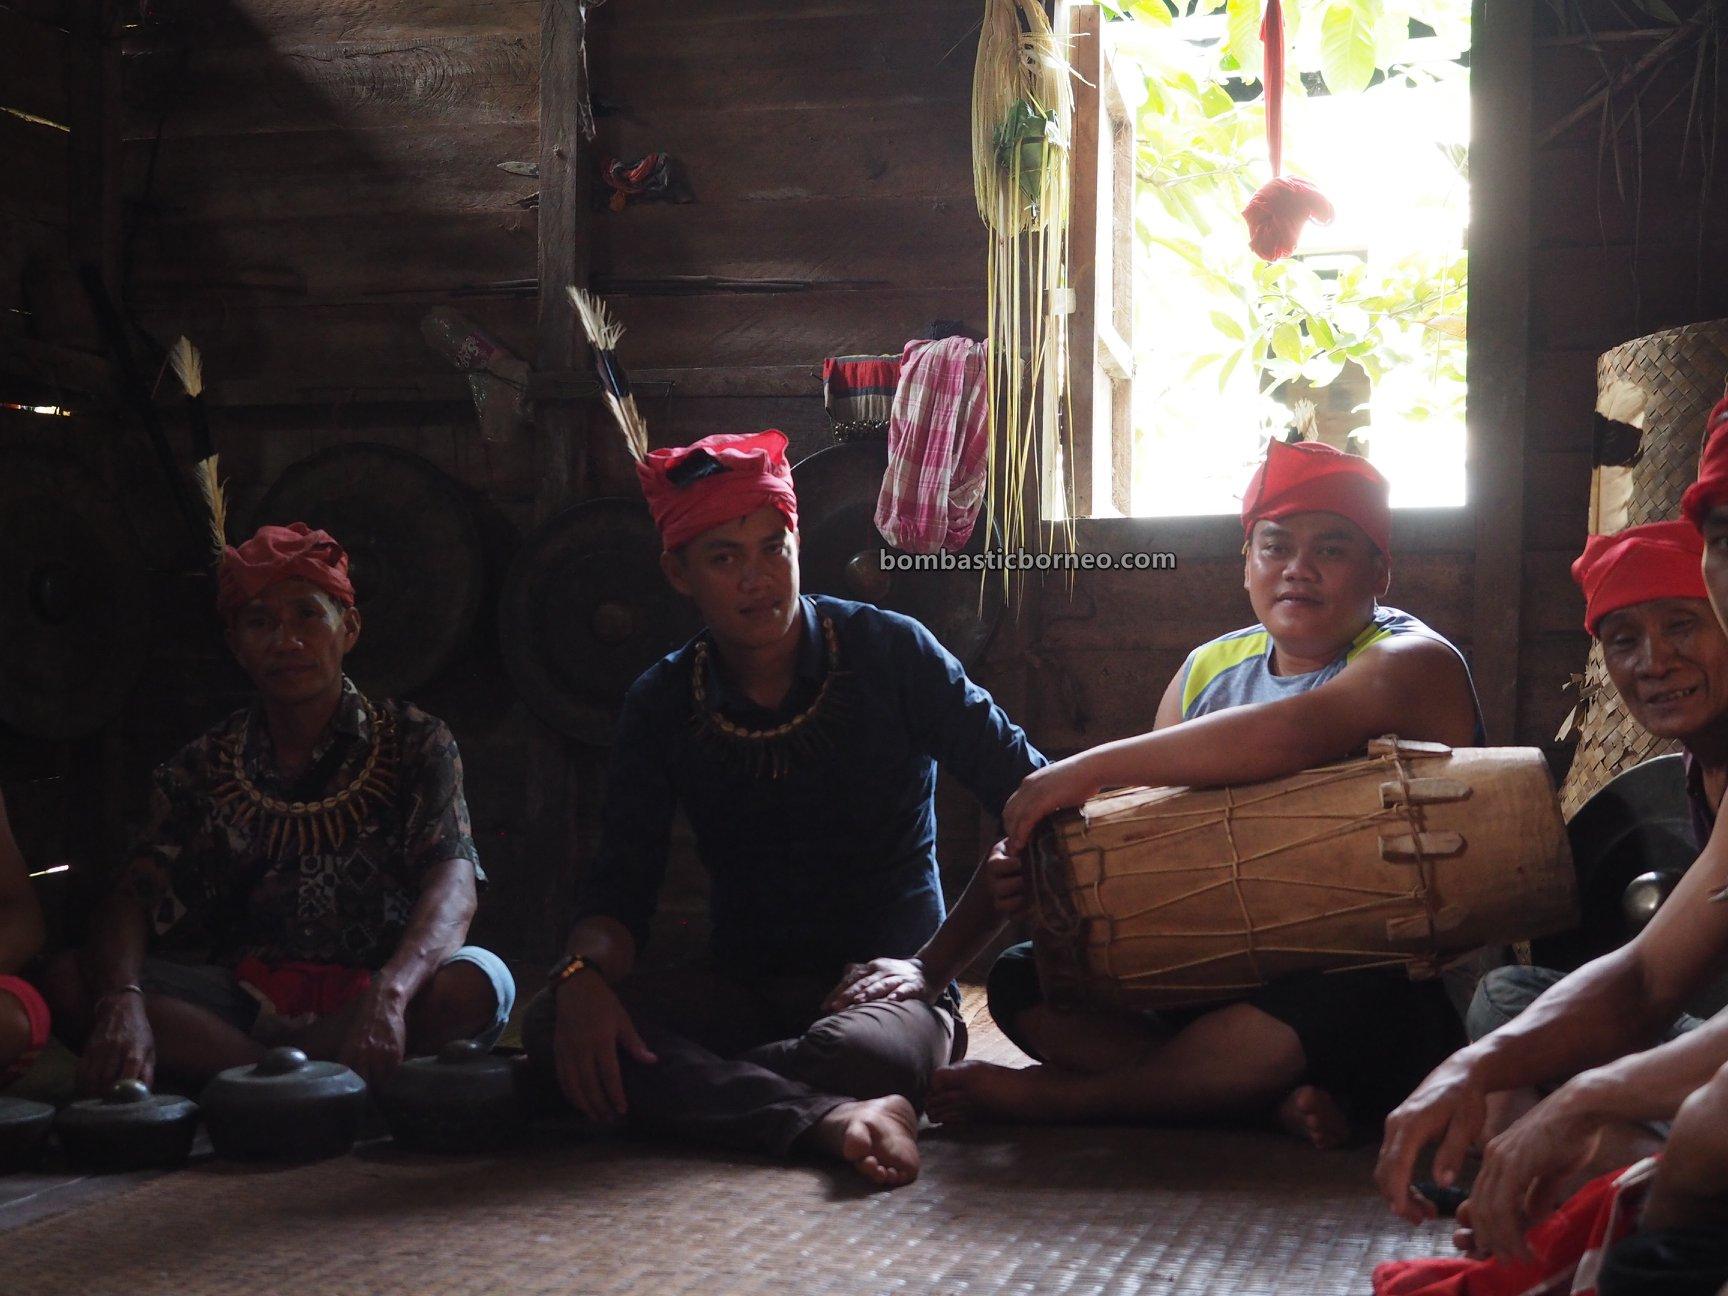 Nyobeng, thanksgiving, traditional, budaya, event, Indonesia, Kalimantan Barat, Bengkayang, Seluas, native, tribe, Tourism, Travel guide, Trans Border, 印尼西加里曼丹, 孟加映土著部落